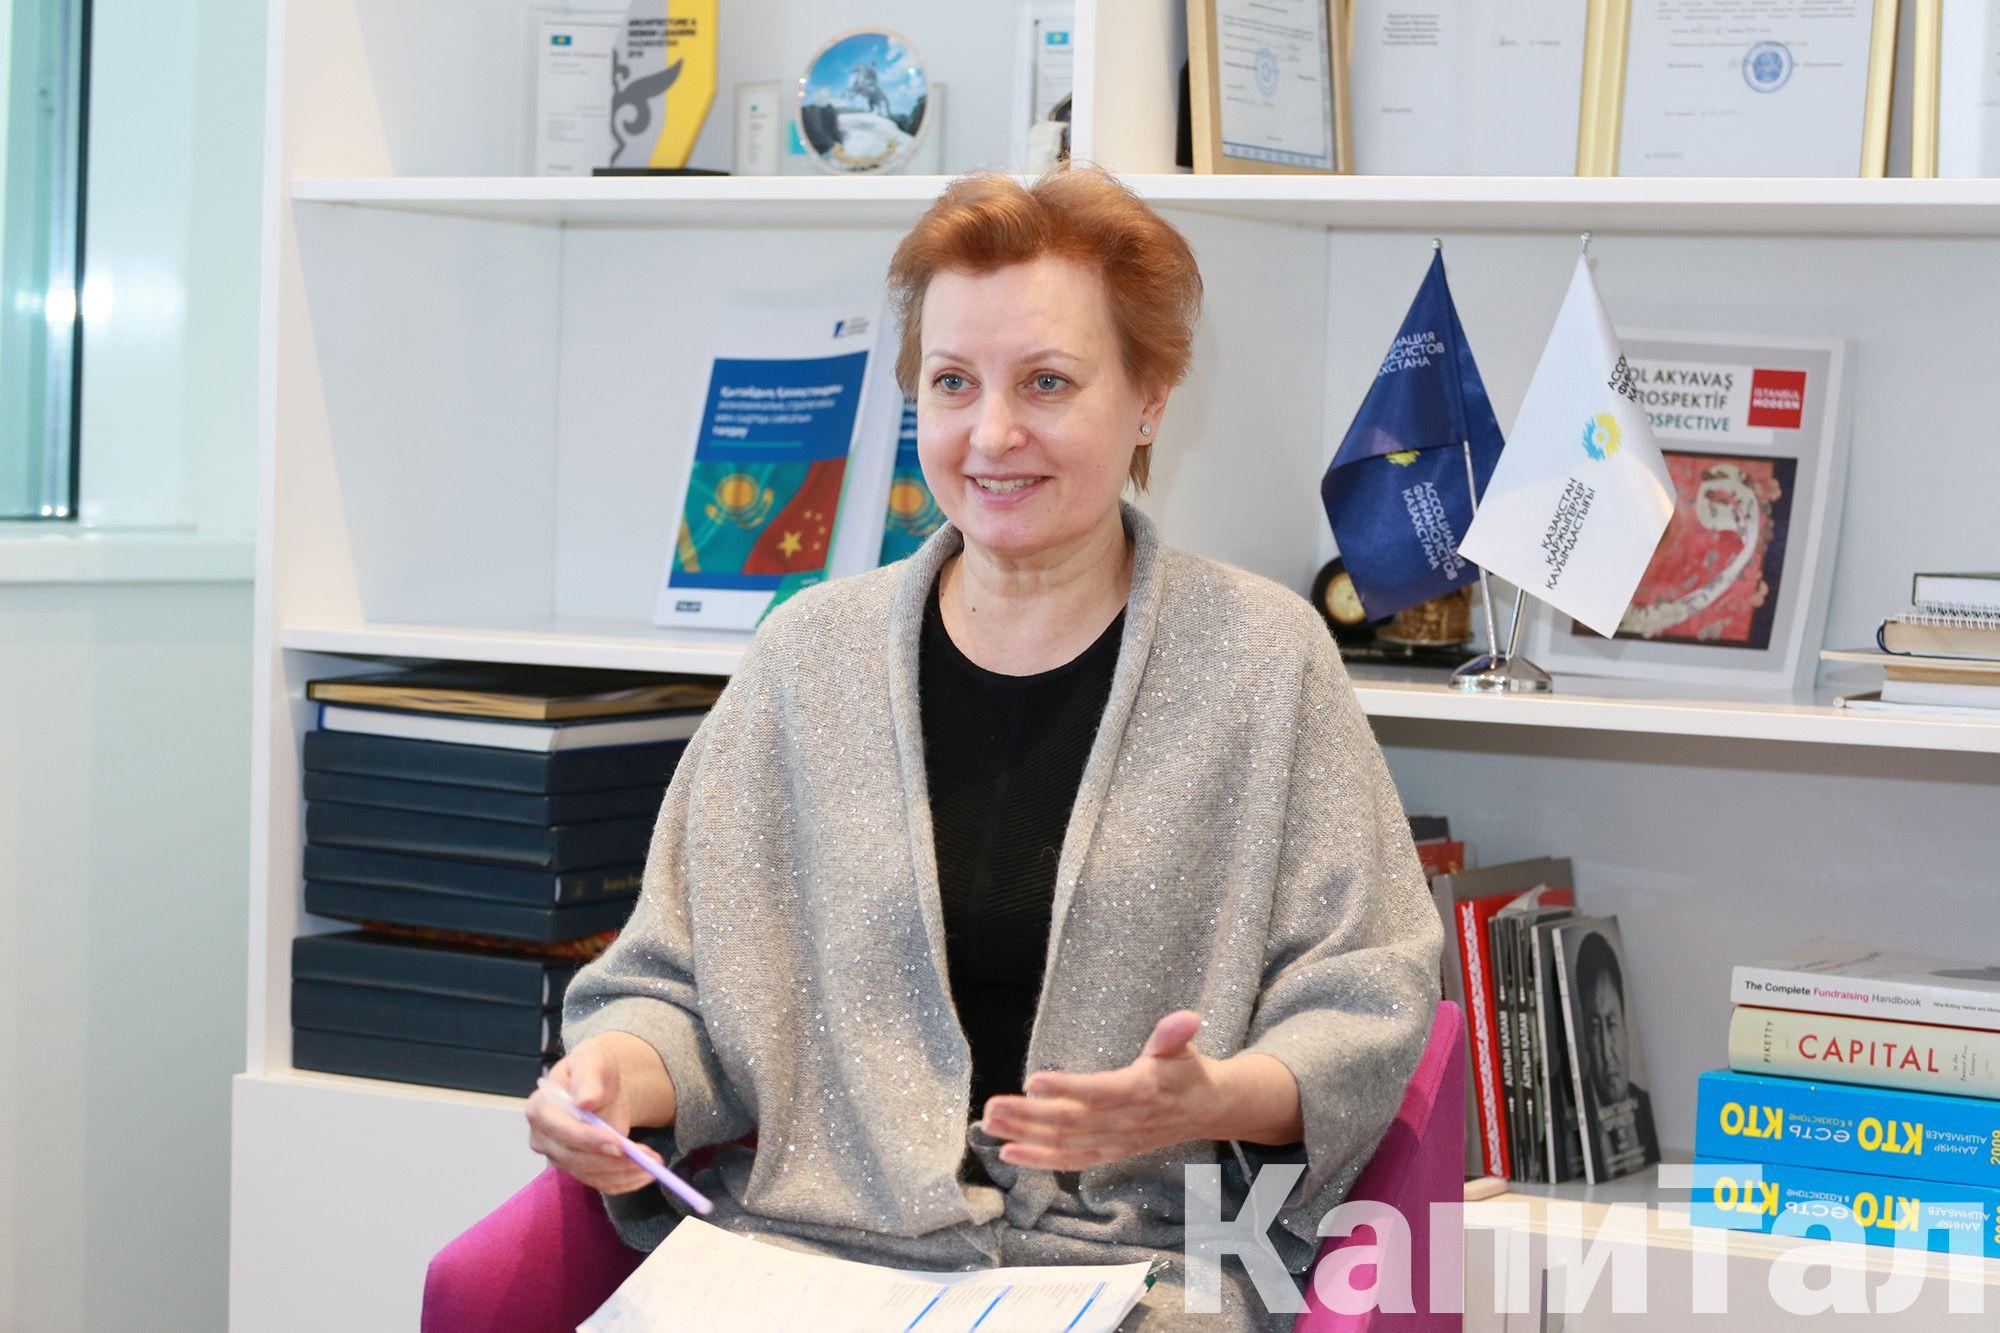 Елена Бахмутова: Банковский сектор показал себя надежным партнером 545076 - Kapital.kz